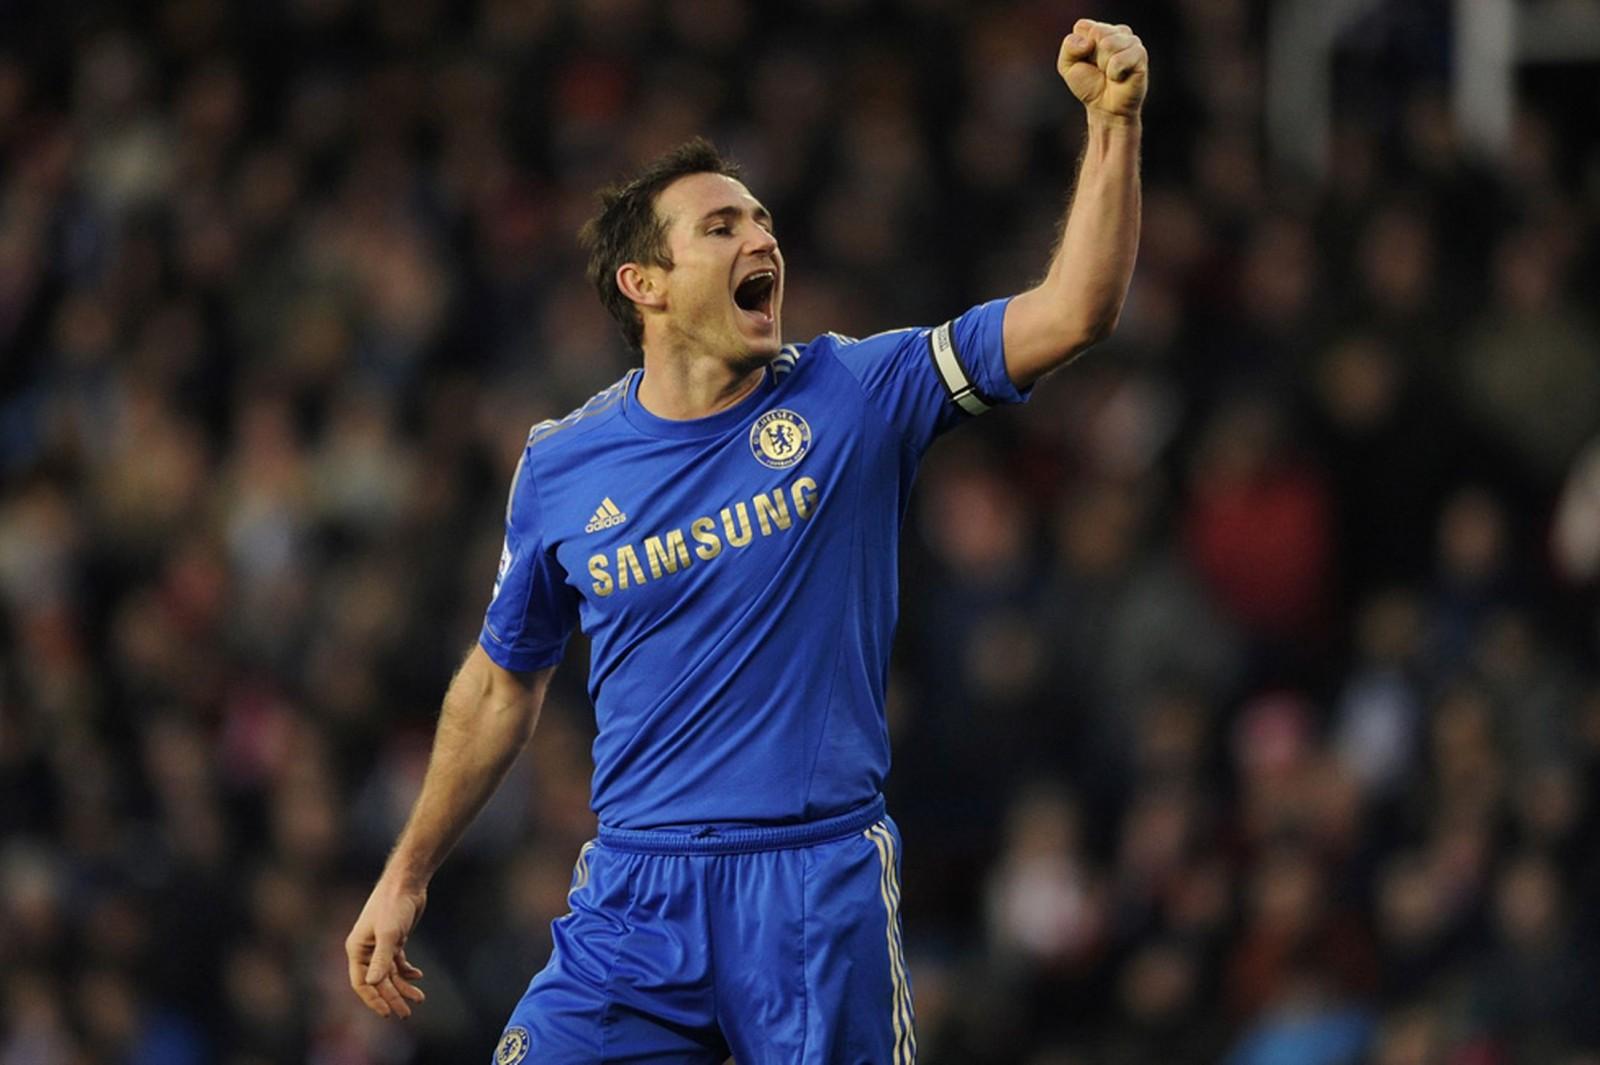 Frank-Lampard-Goal-Celebration-Chelsea-Wallpaper-01 - The Trent